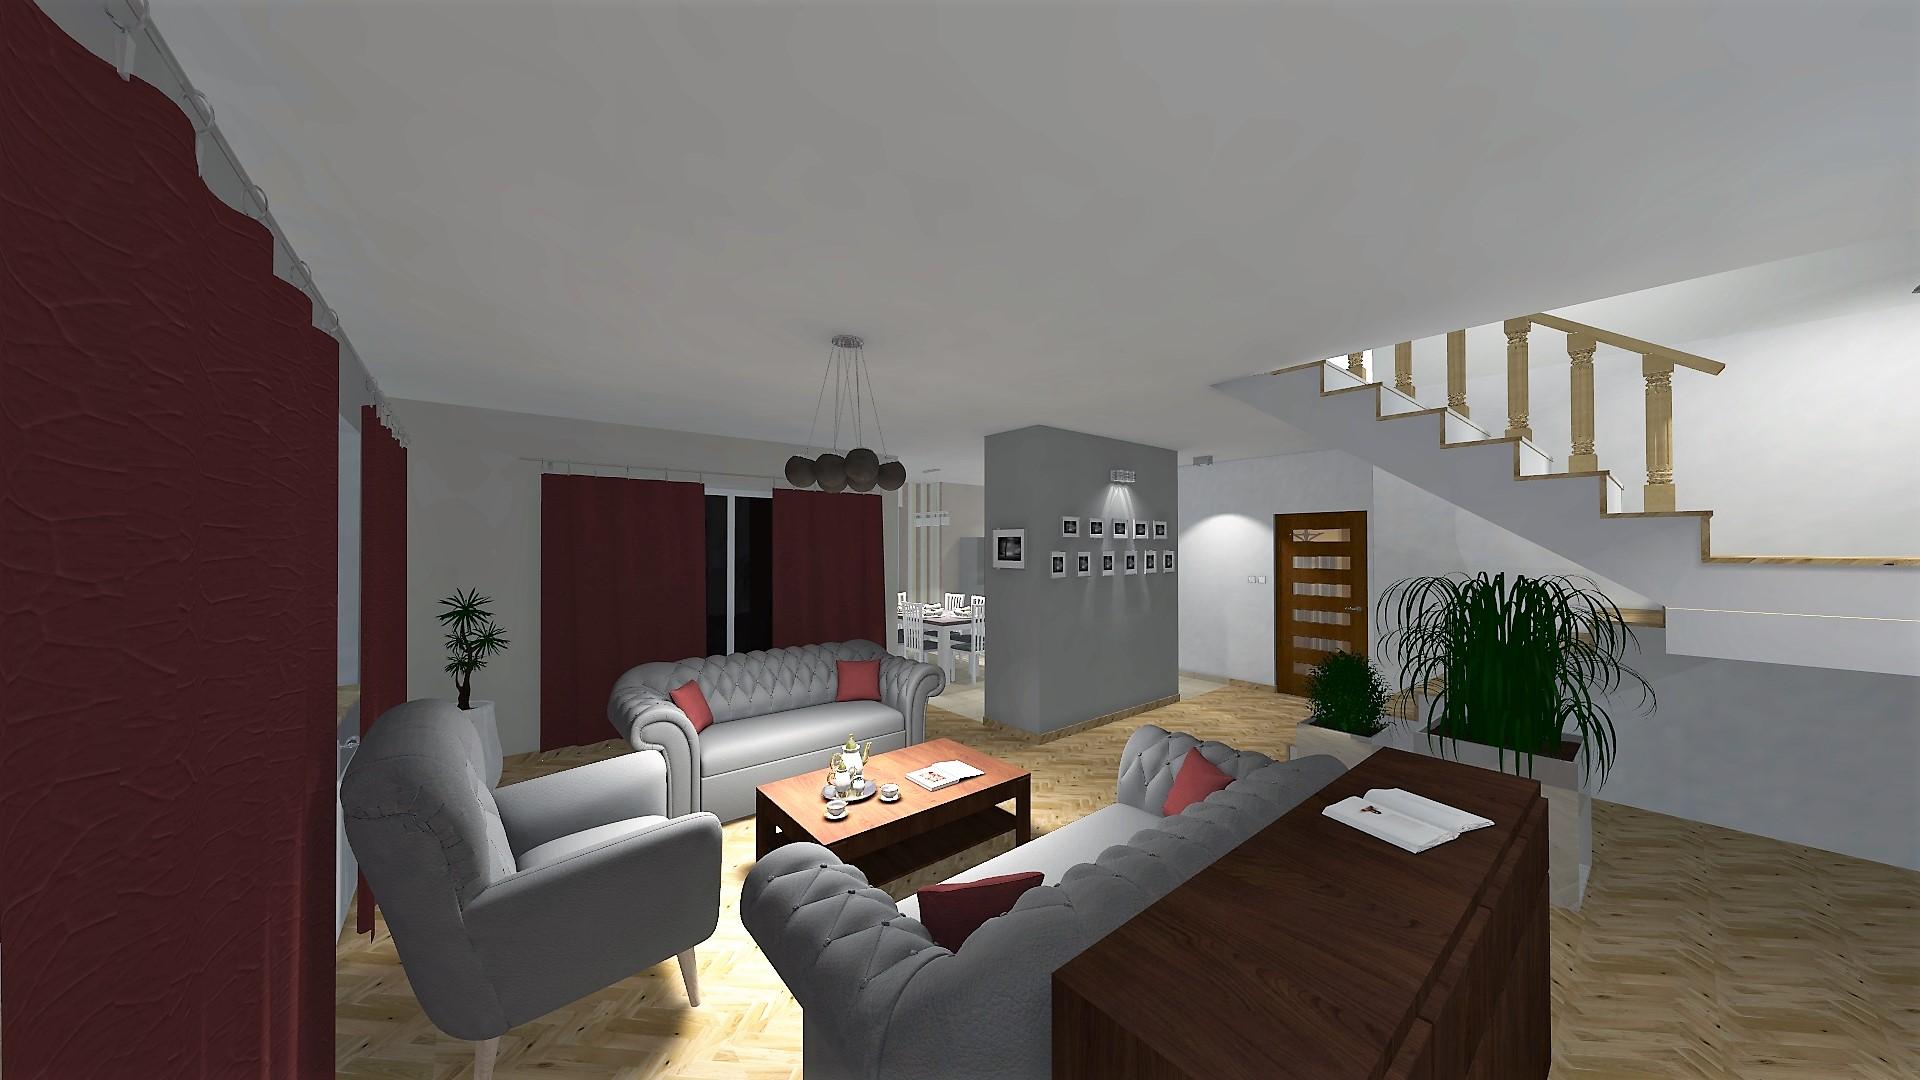 kuchnia+jadalnia+salon (2)